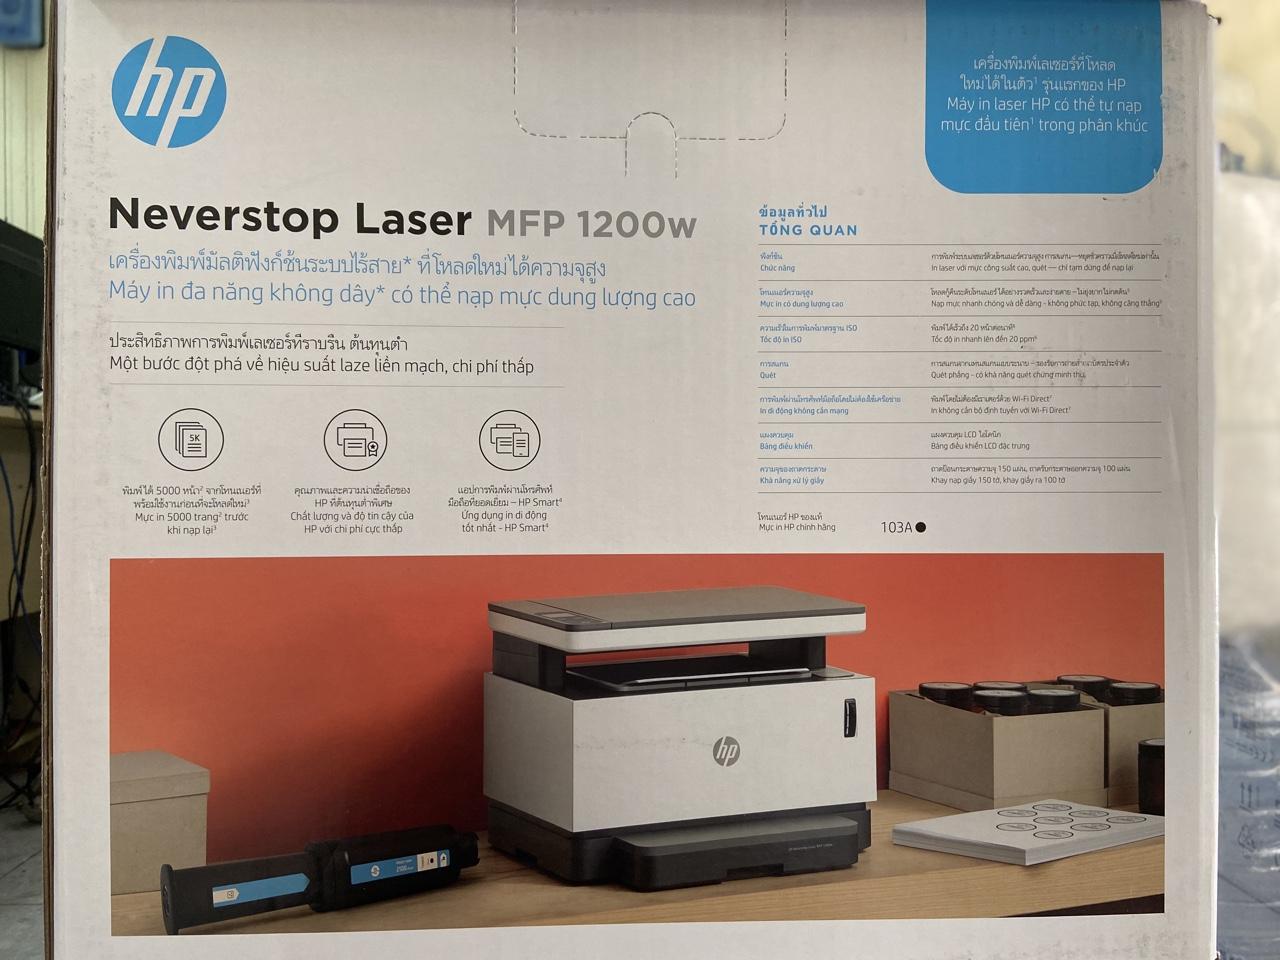 Máy in đa chức năng HP Neverstop Laser MFP 1200w - Tặng kèm 01 hộp mực hp 103 chính hãng